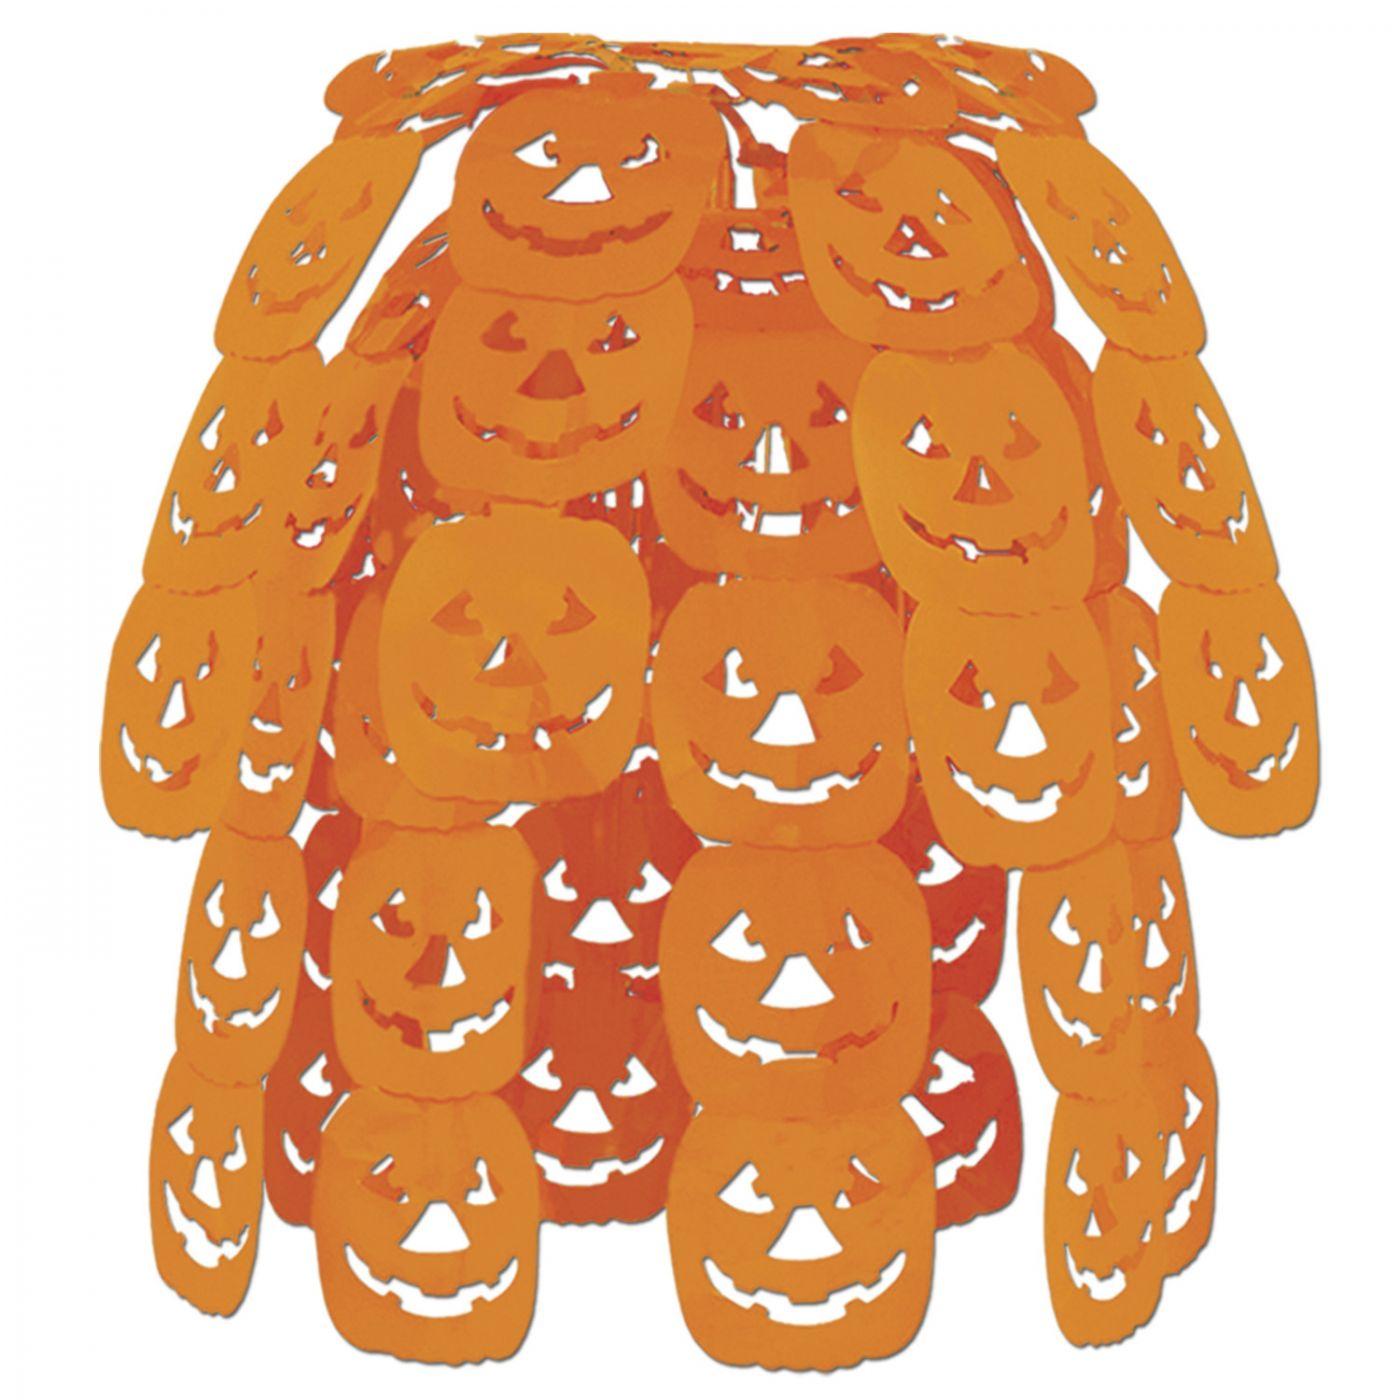 Jack-O-Lantern Cascade image